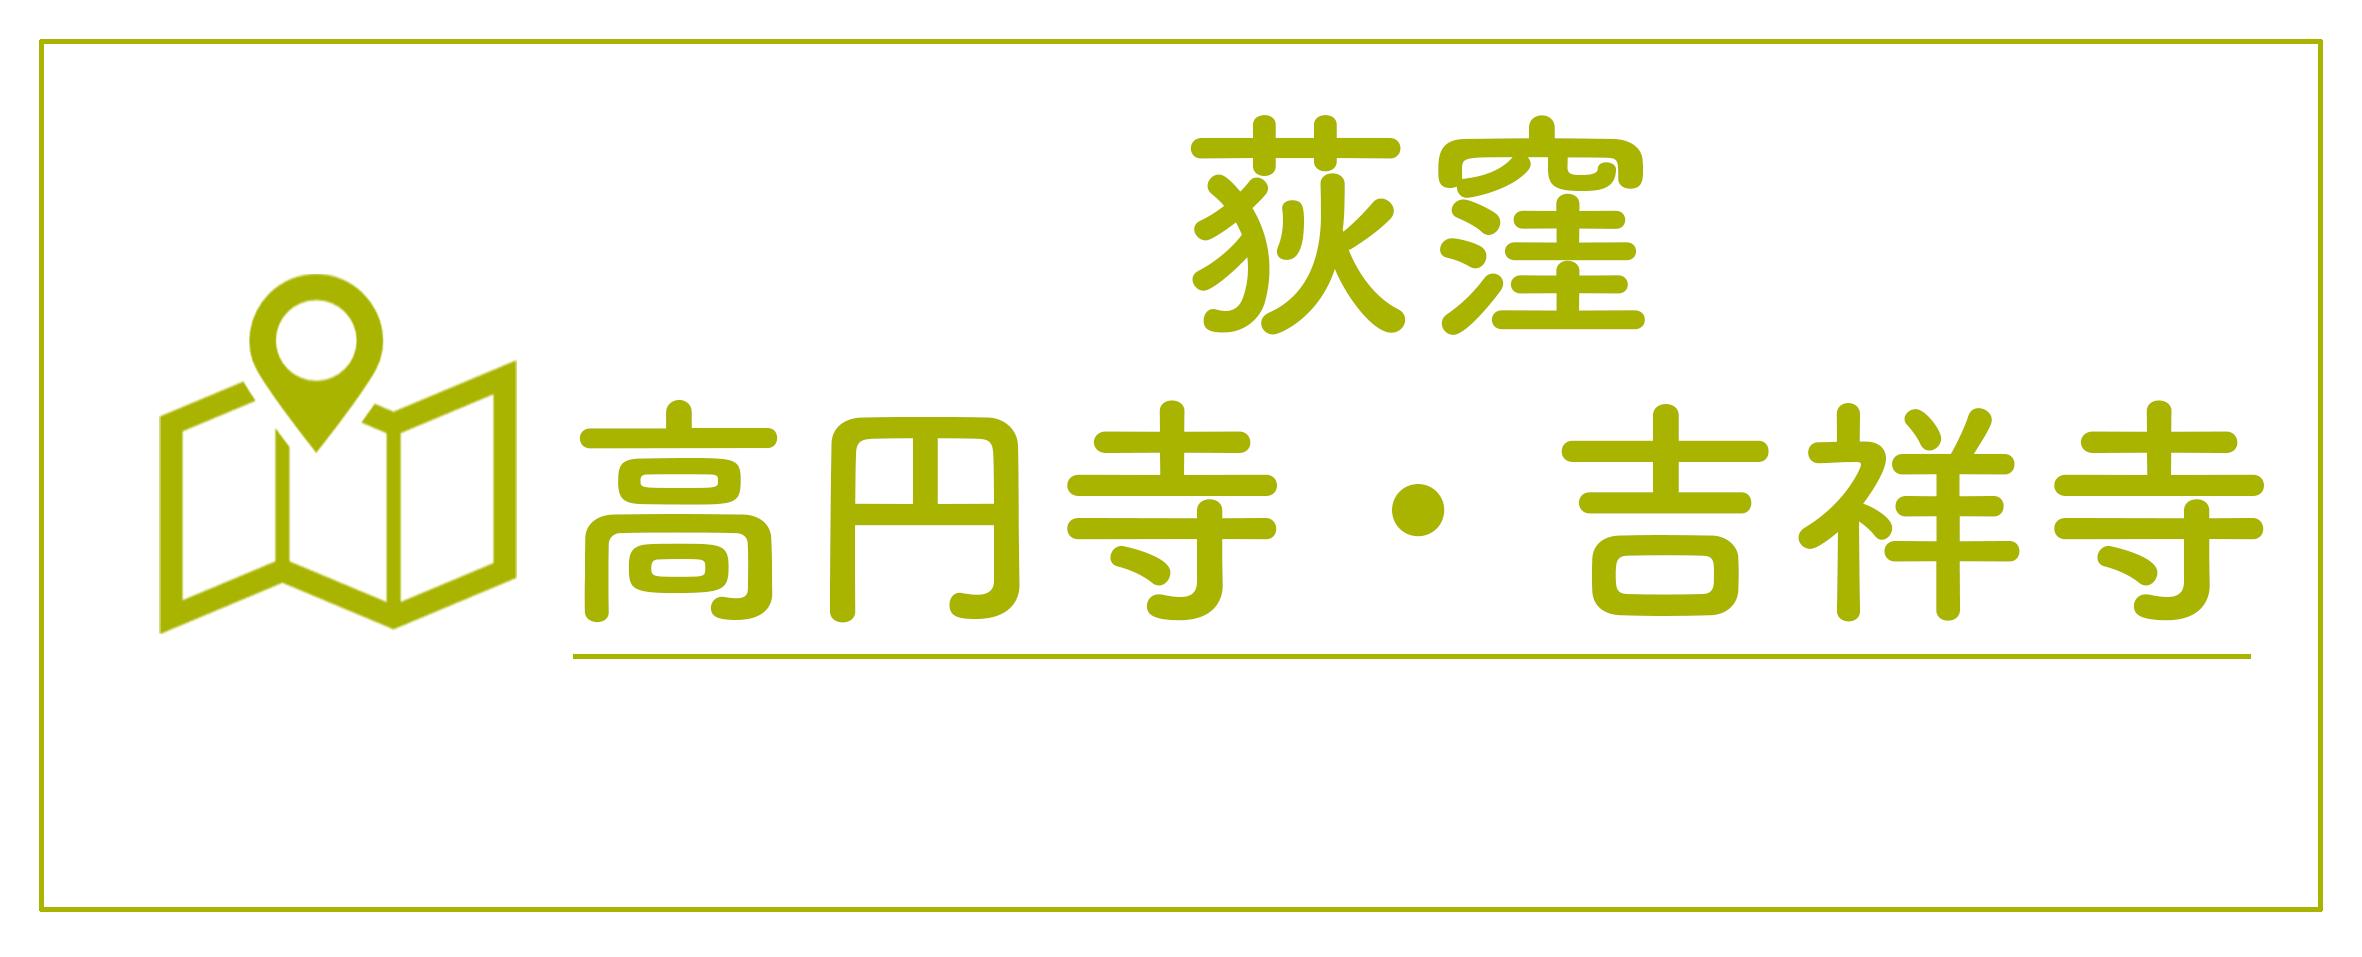 吉祥寺高円寺荻窪